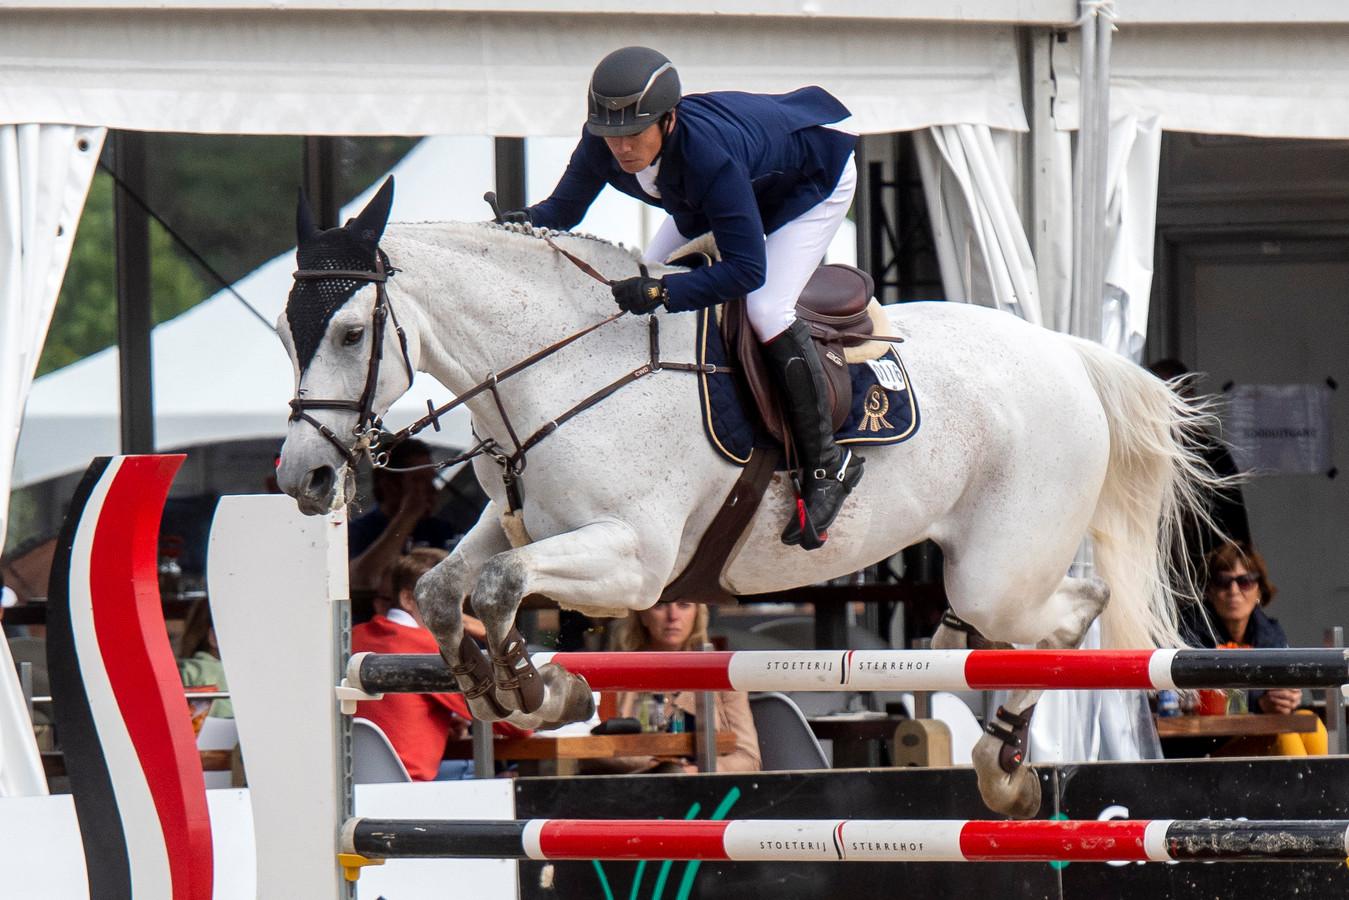 Winnaar van Otdoor Gelderland 2919 Eiken Sato uit Japan in actie.